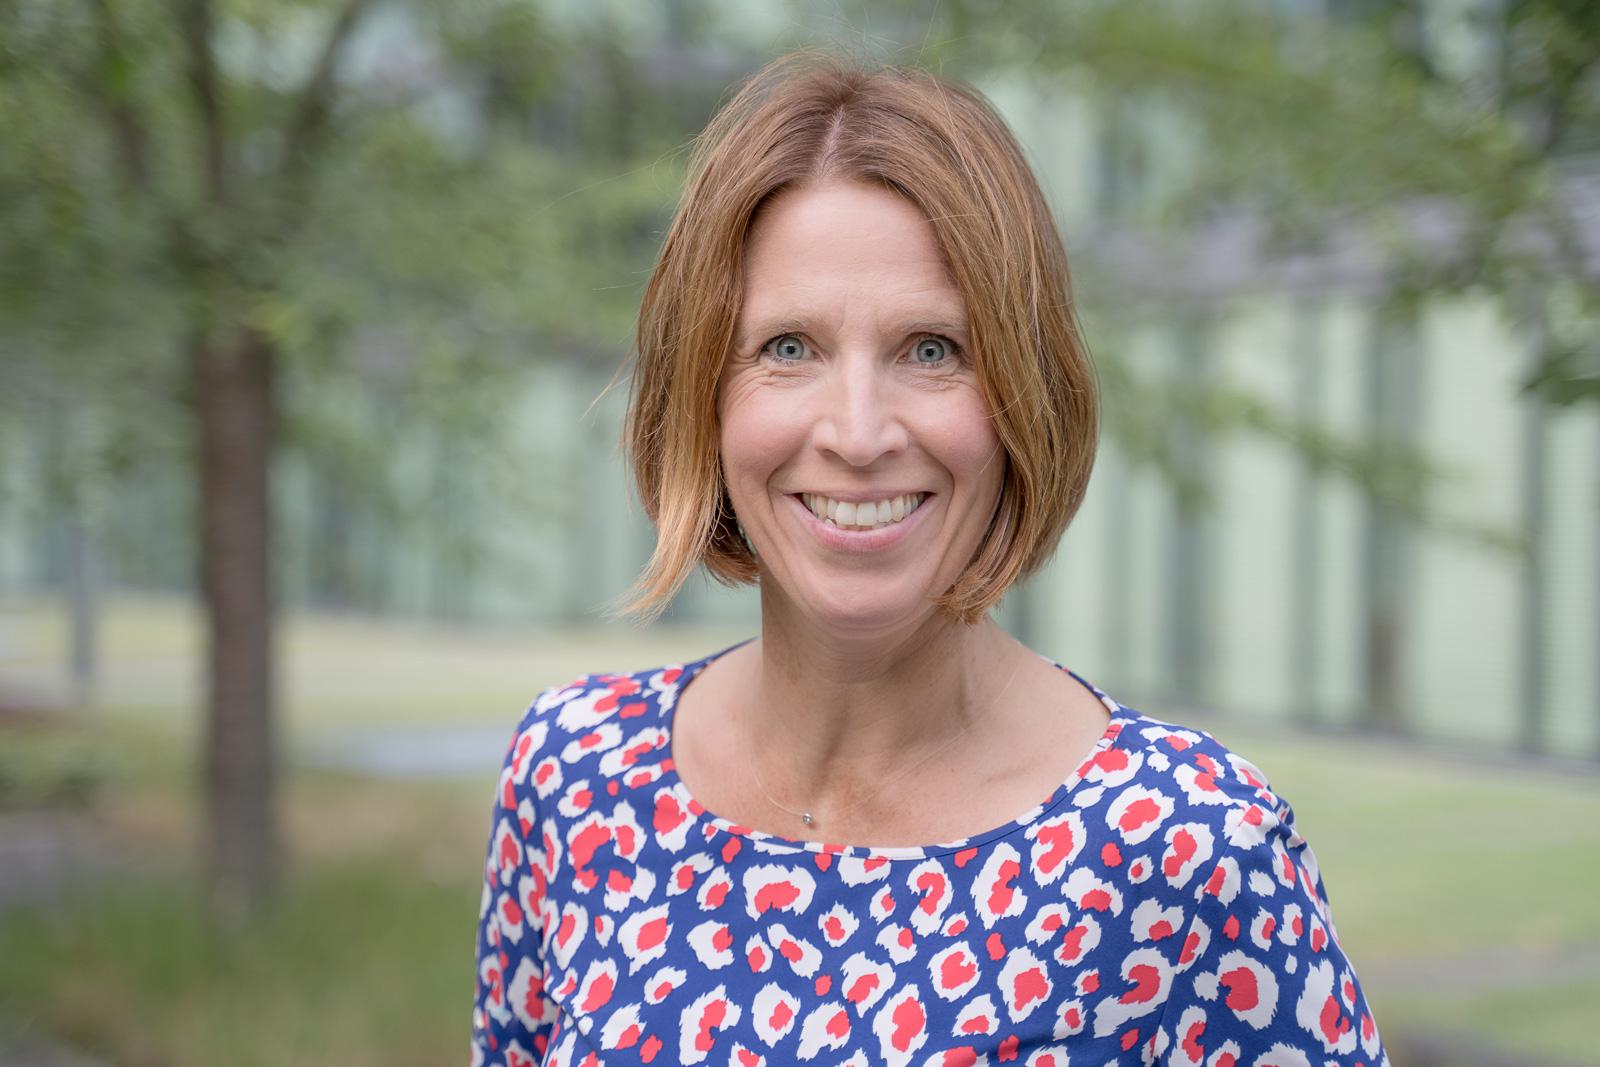 Frauenporträt outdoor - Coach Heike Koch-Bornemann